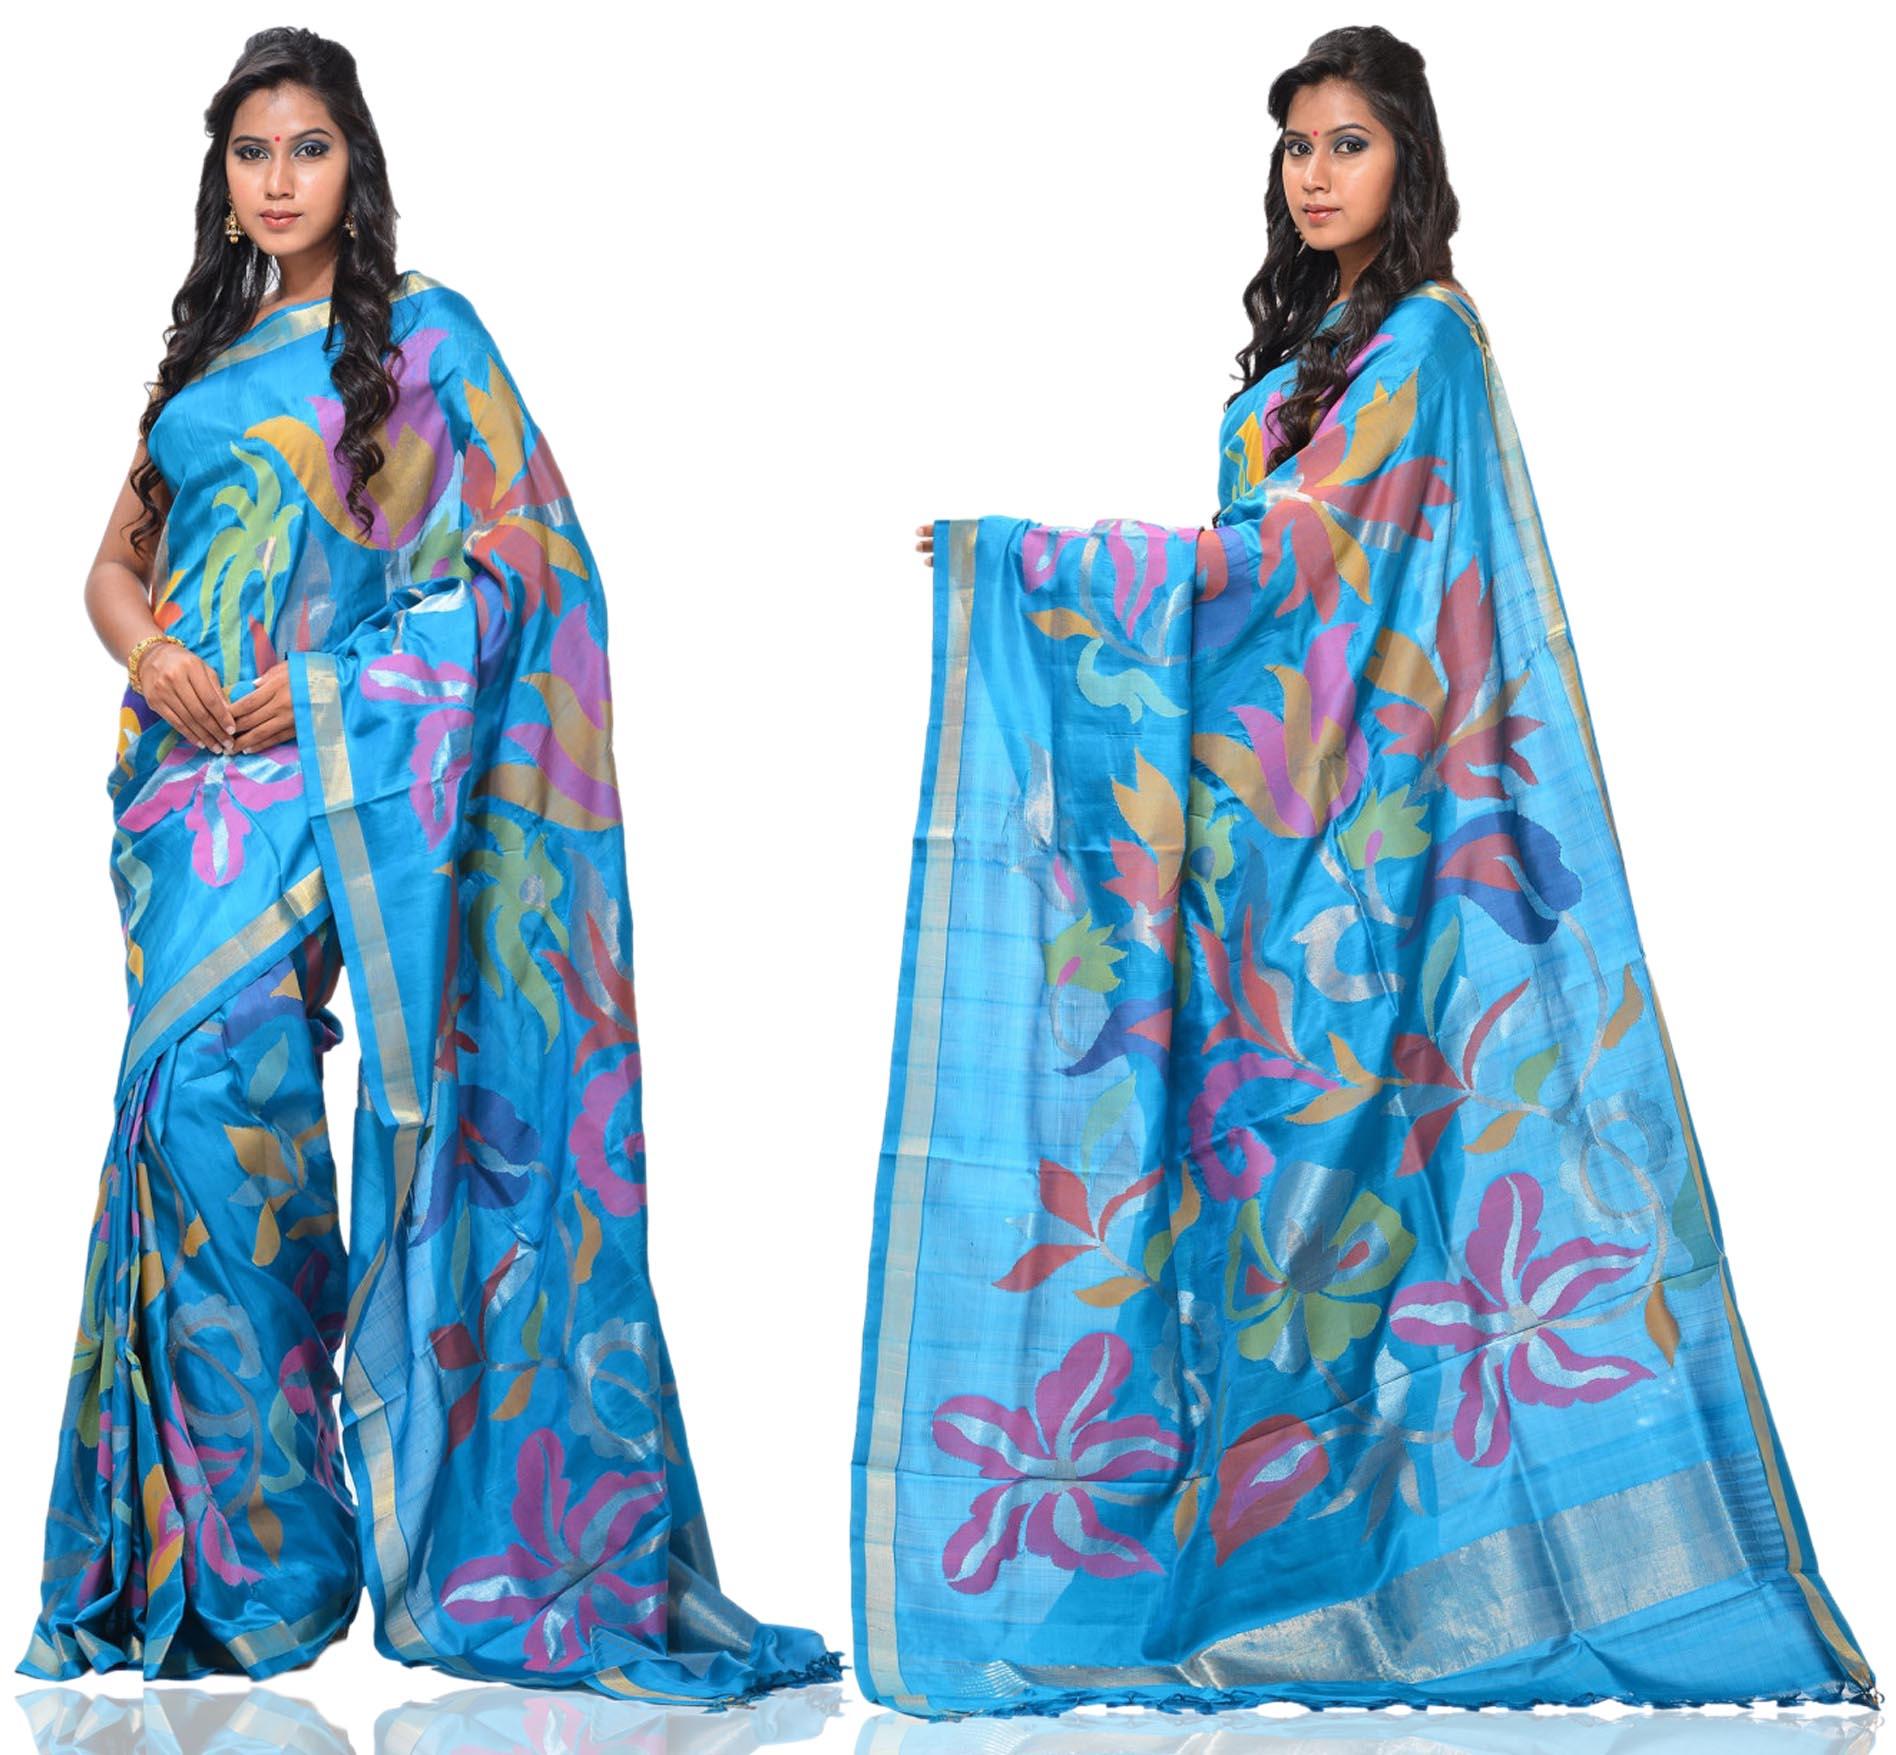 Price: - 28500/-   Uppada presents new collection of uppada sarees, uppada cotton silk sarees, uppada silk sarees, uppada silk sarees. Sign up now for E-book you will be updated with latest collection of ethnic verities. For More Info Click on :- www.uppada.com  We manufacture of Uppada sarees, Paithani sarees, Banarasi sarees, Venkatagiri Sarees, Gadwal Sarees, Khadi sarees, Hand Painted Kalamkari Dupatta, Ikkat sarees, Kanchipuram Sarees, Atr Poly Silk Sarees, Dupattas, Stoles etc. For more info us at 040 64640303, 441905005.  - by Paithani, Hyderabad